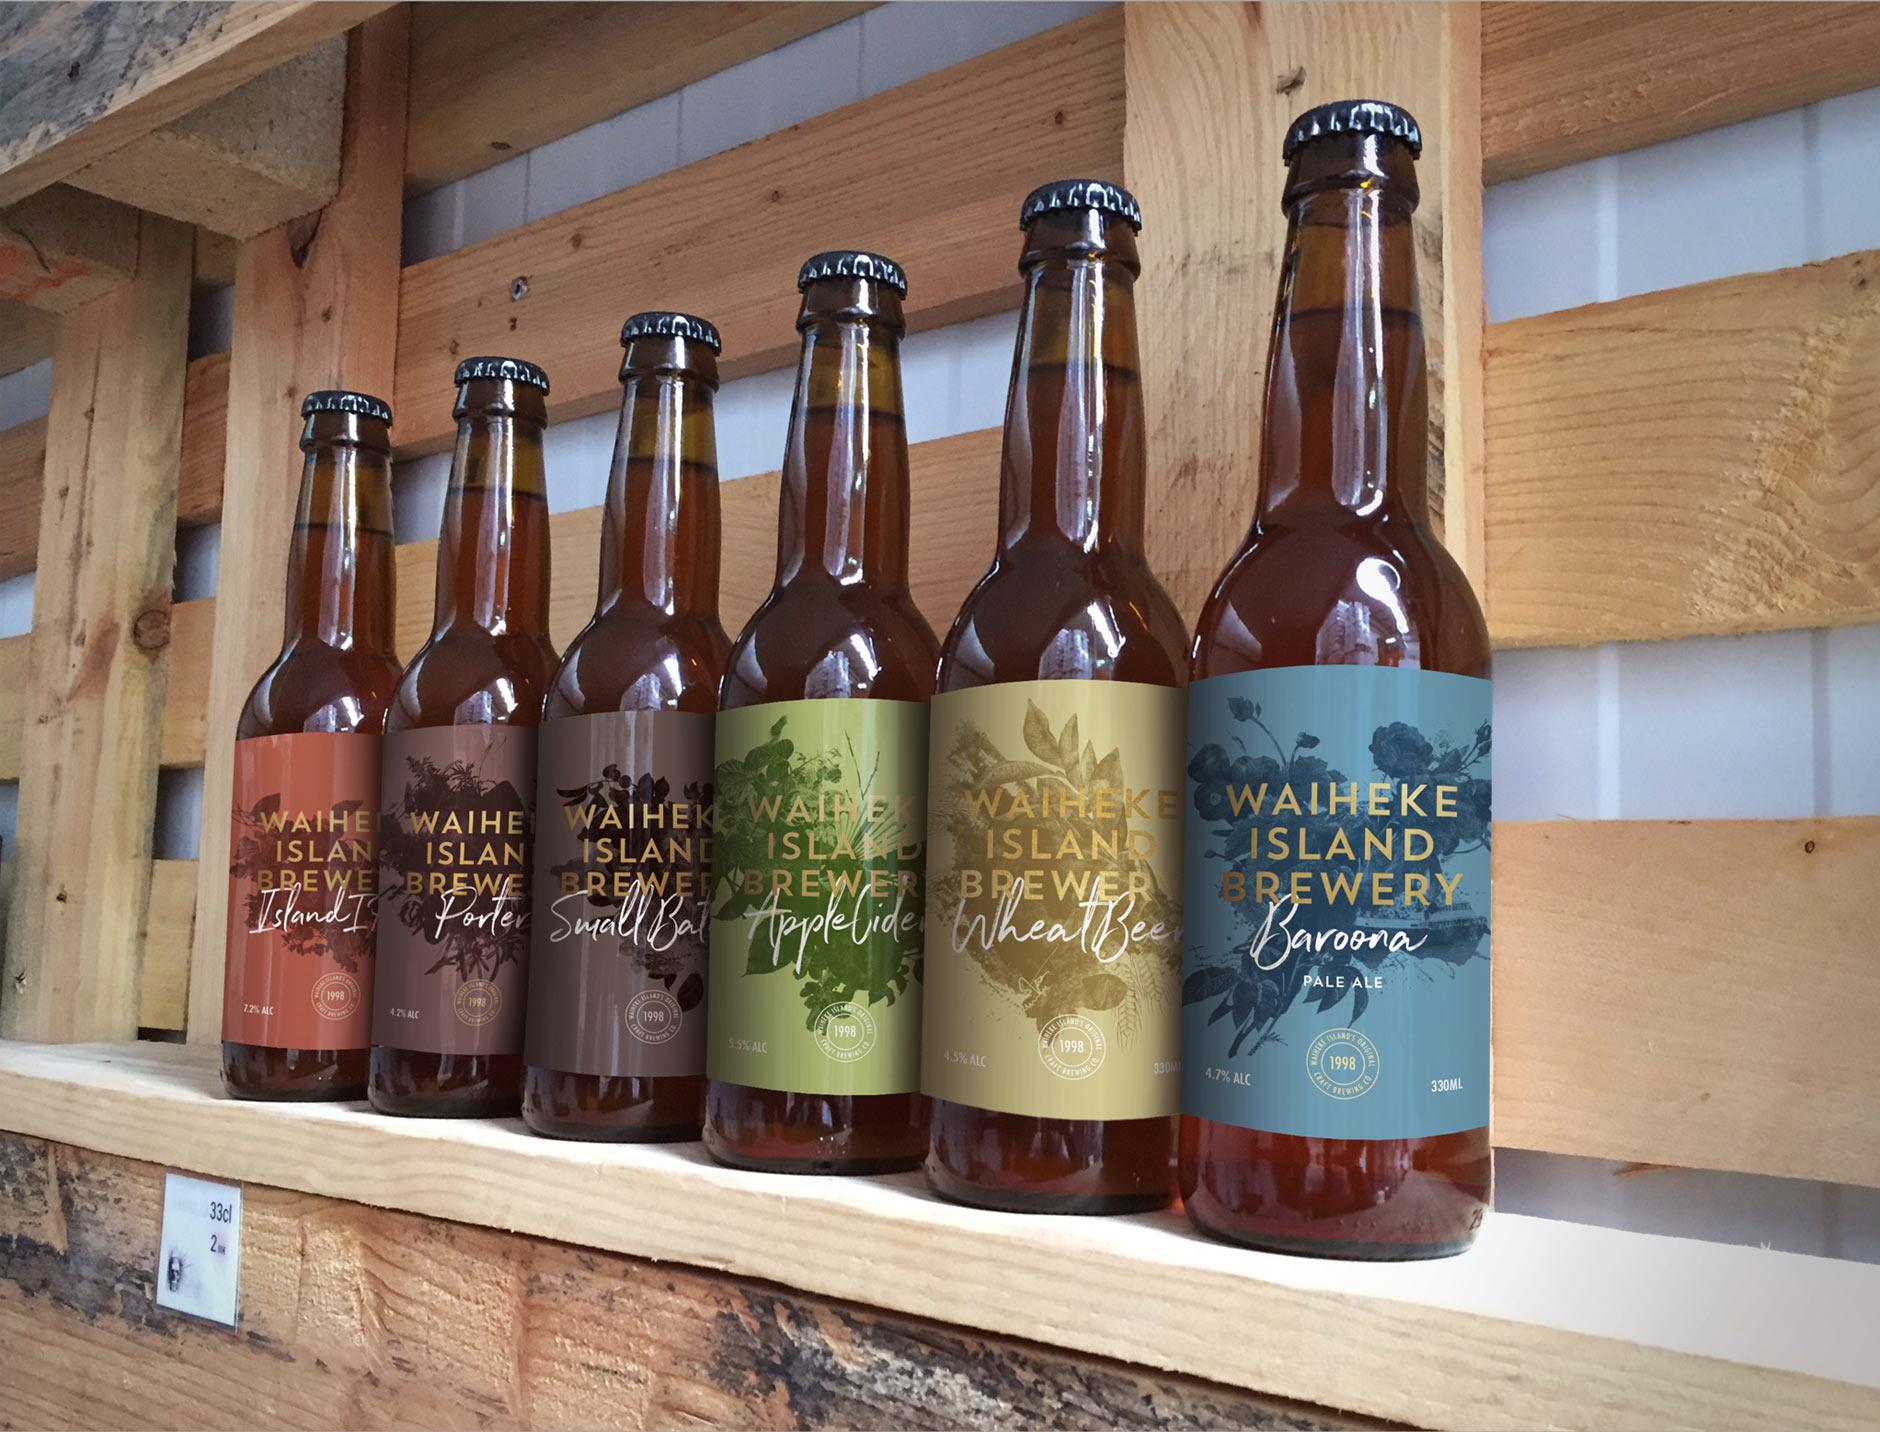 Waiheke Island brewery beer range